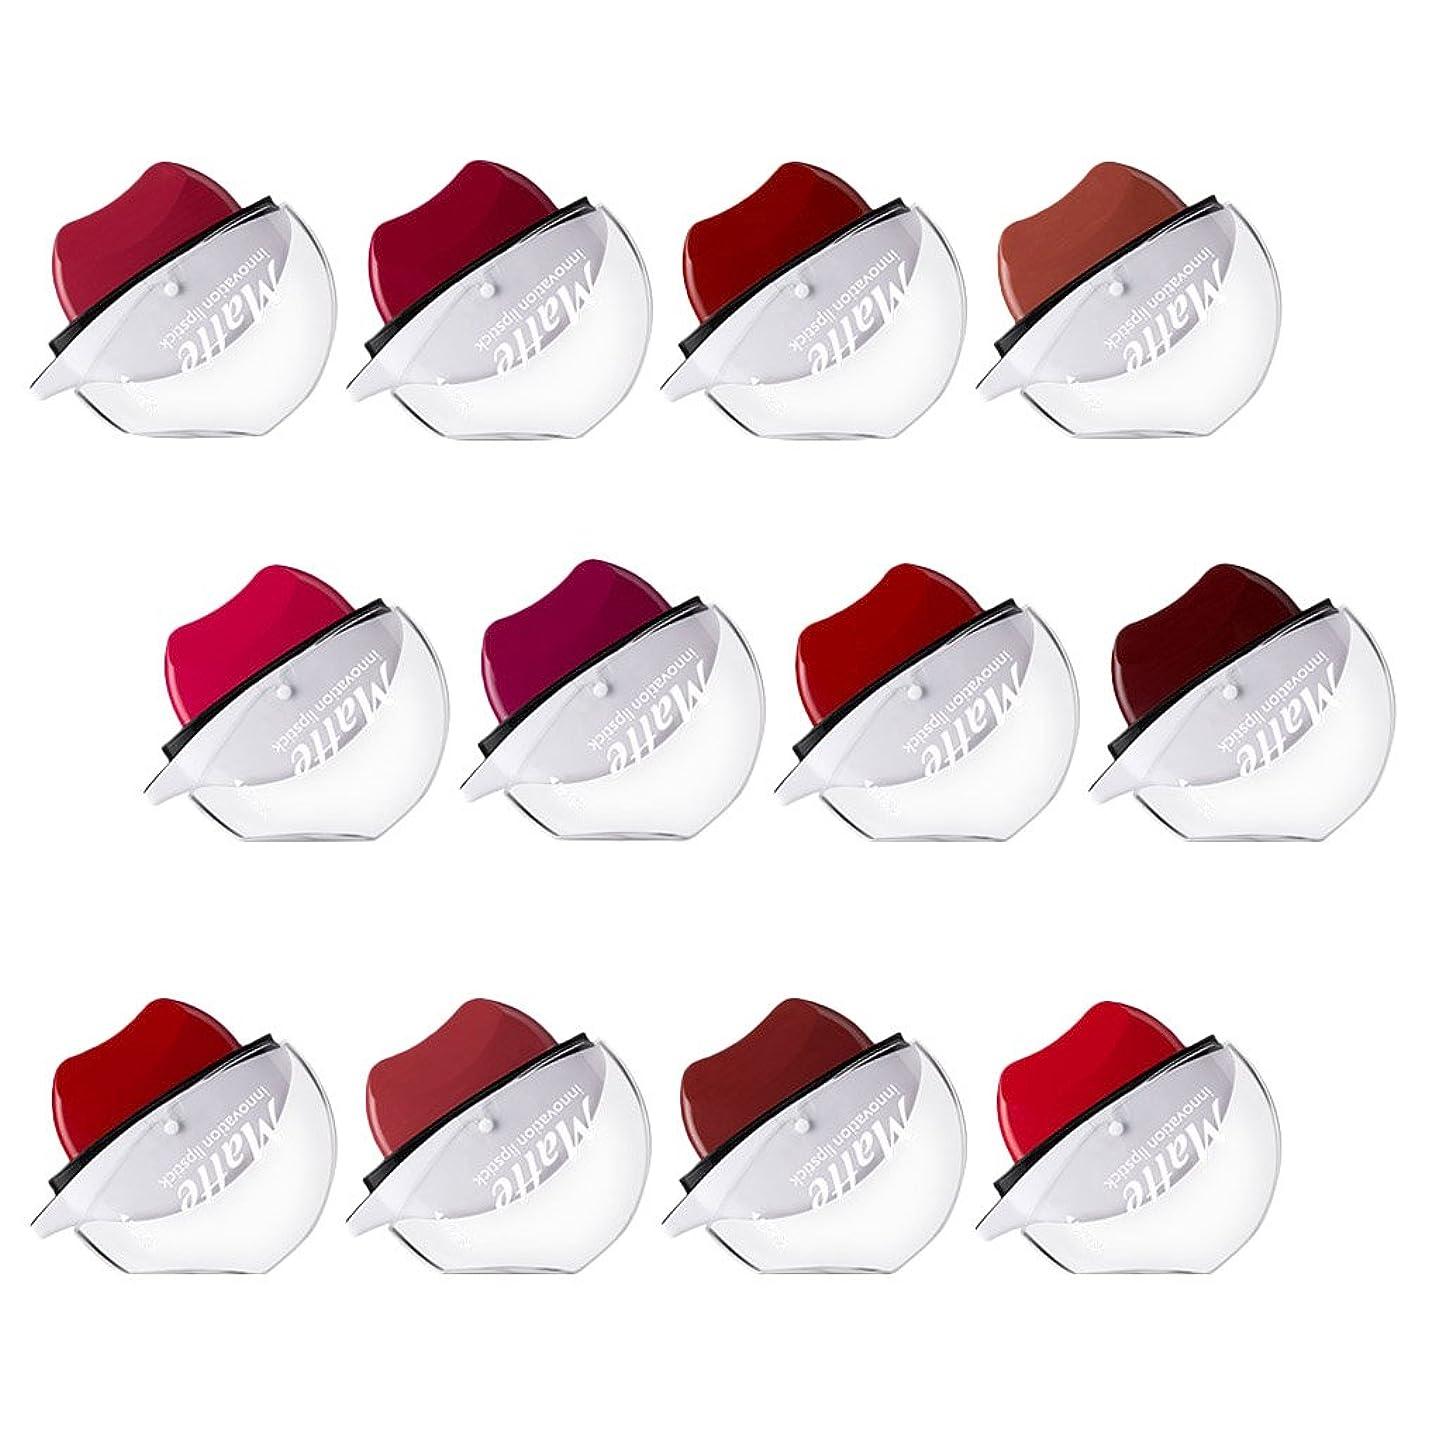 強調するボアミュウミュウBaosity 約12個 口紅 リップクリーム リップグロス 防水 便利 唇メイク メイクアップ